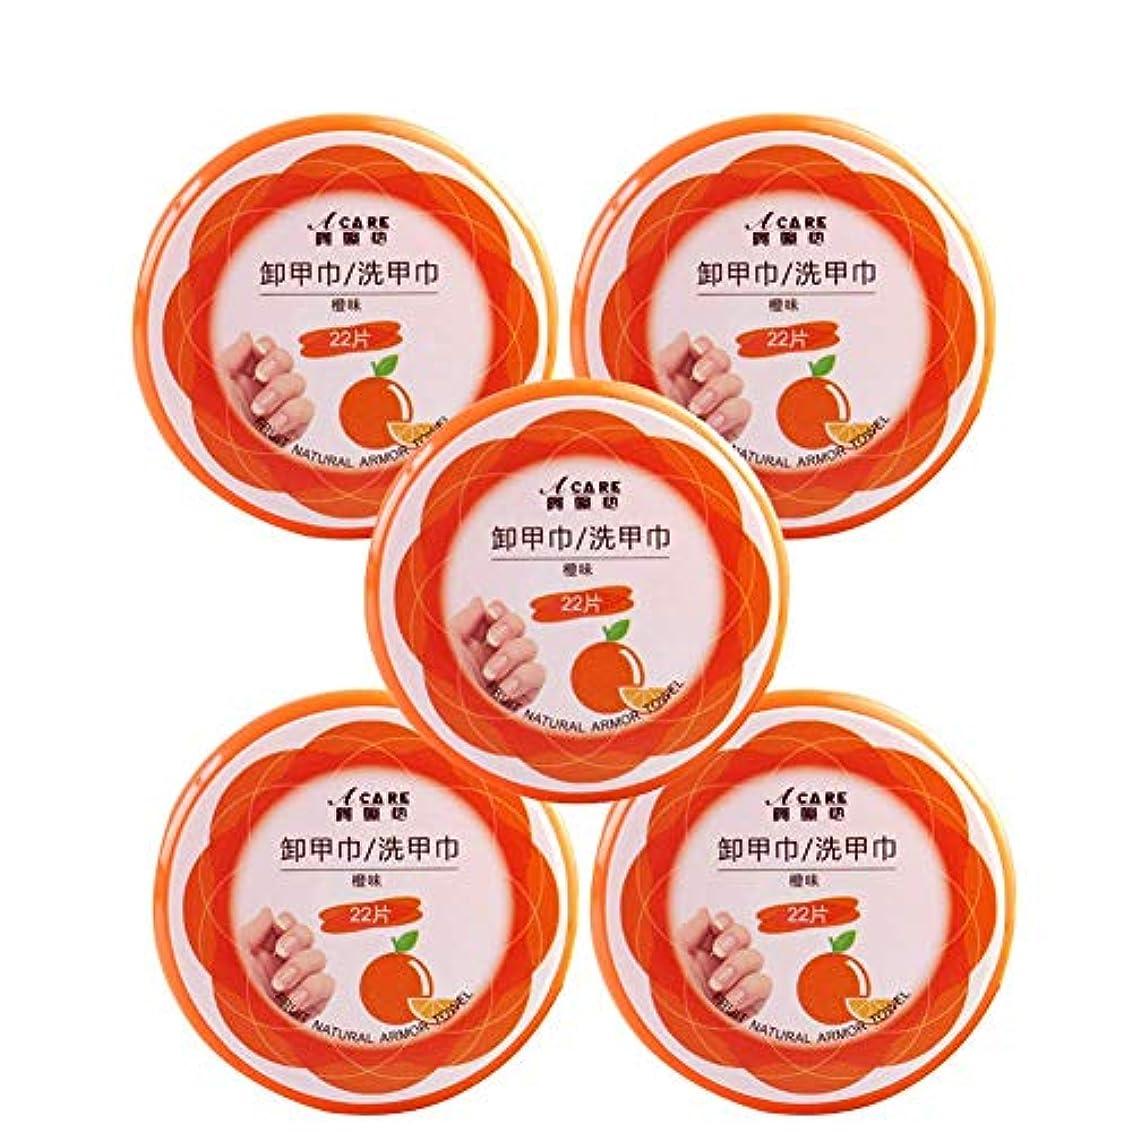 ライセンスキャプテン郊外Chinashow 5 ボックス ポータブル 栄養 ケアマニキュア リムーバー クイック クリーニング コットン リムーバー タオル オレンジ